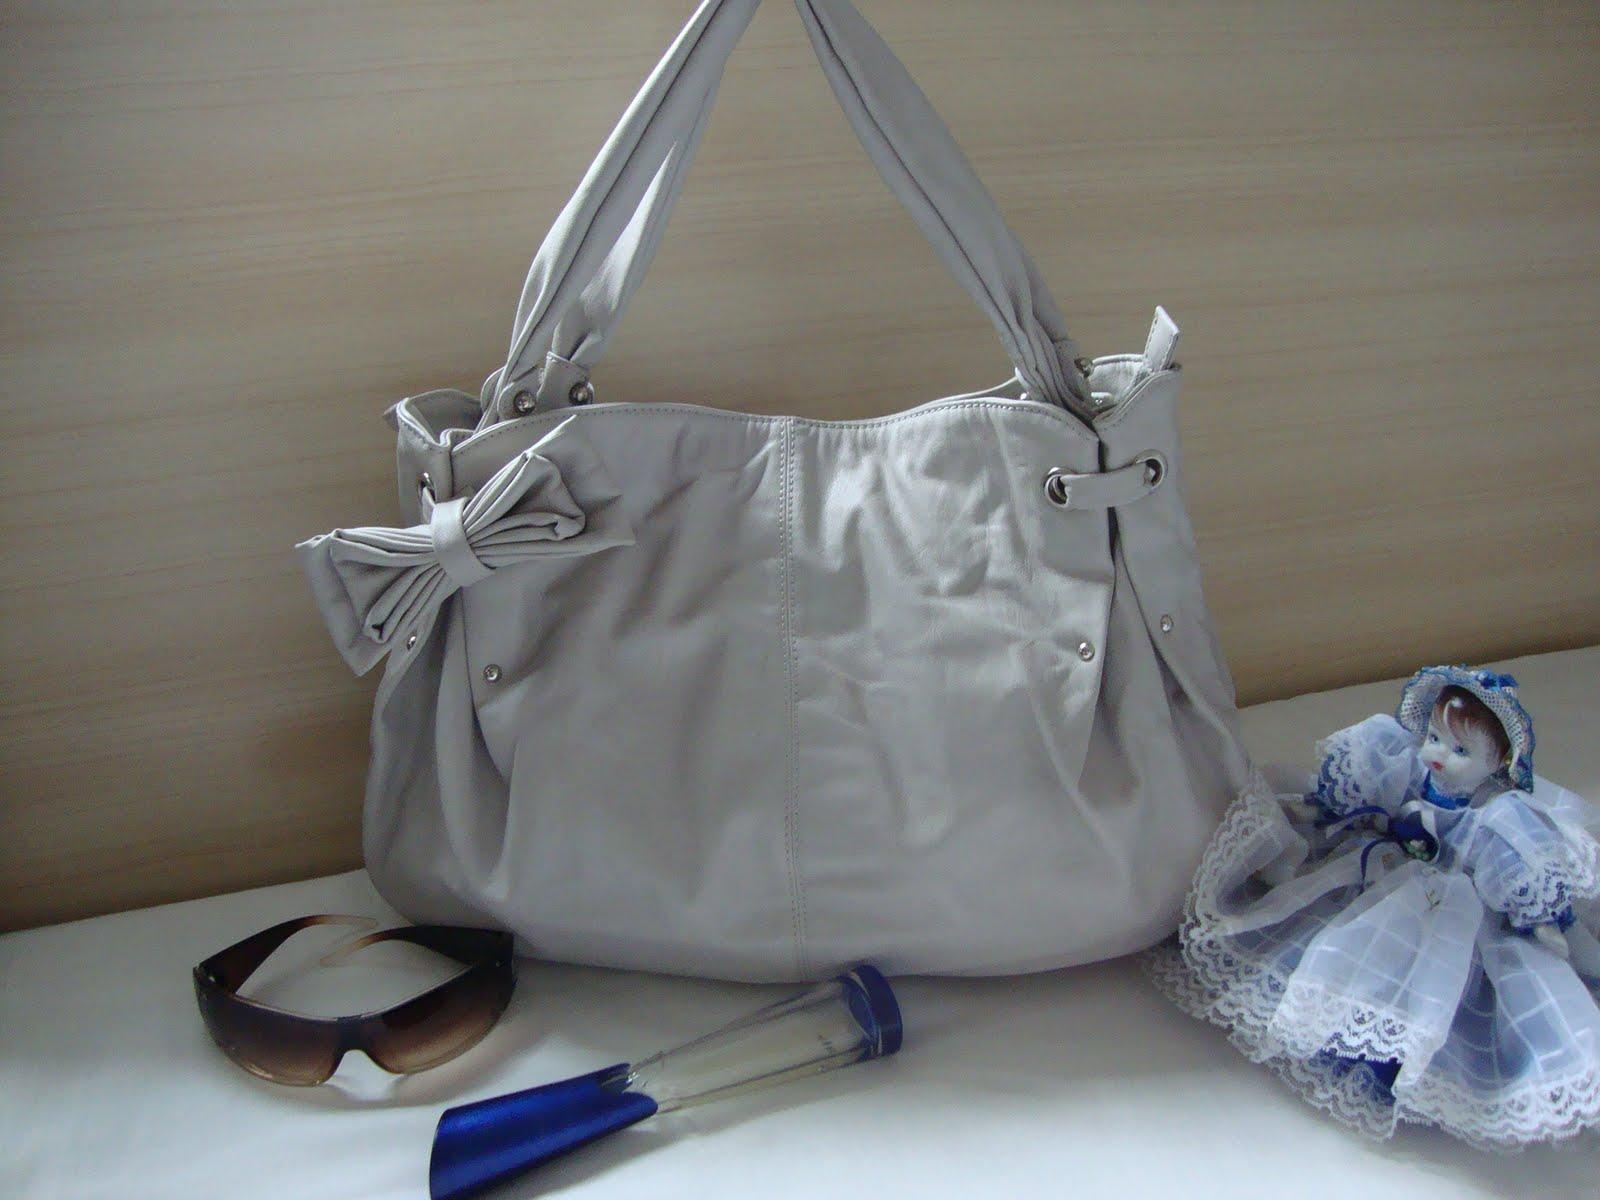 Bolsa Feminina Na Cor Azul : Bolsas moda feminina bolsa moderna